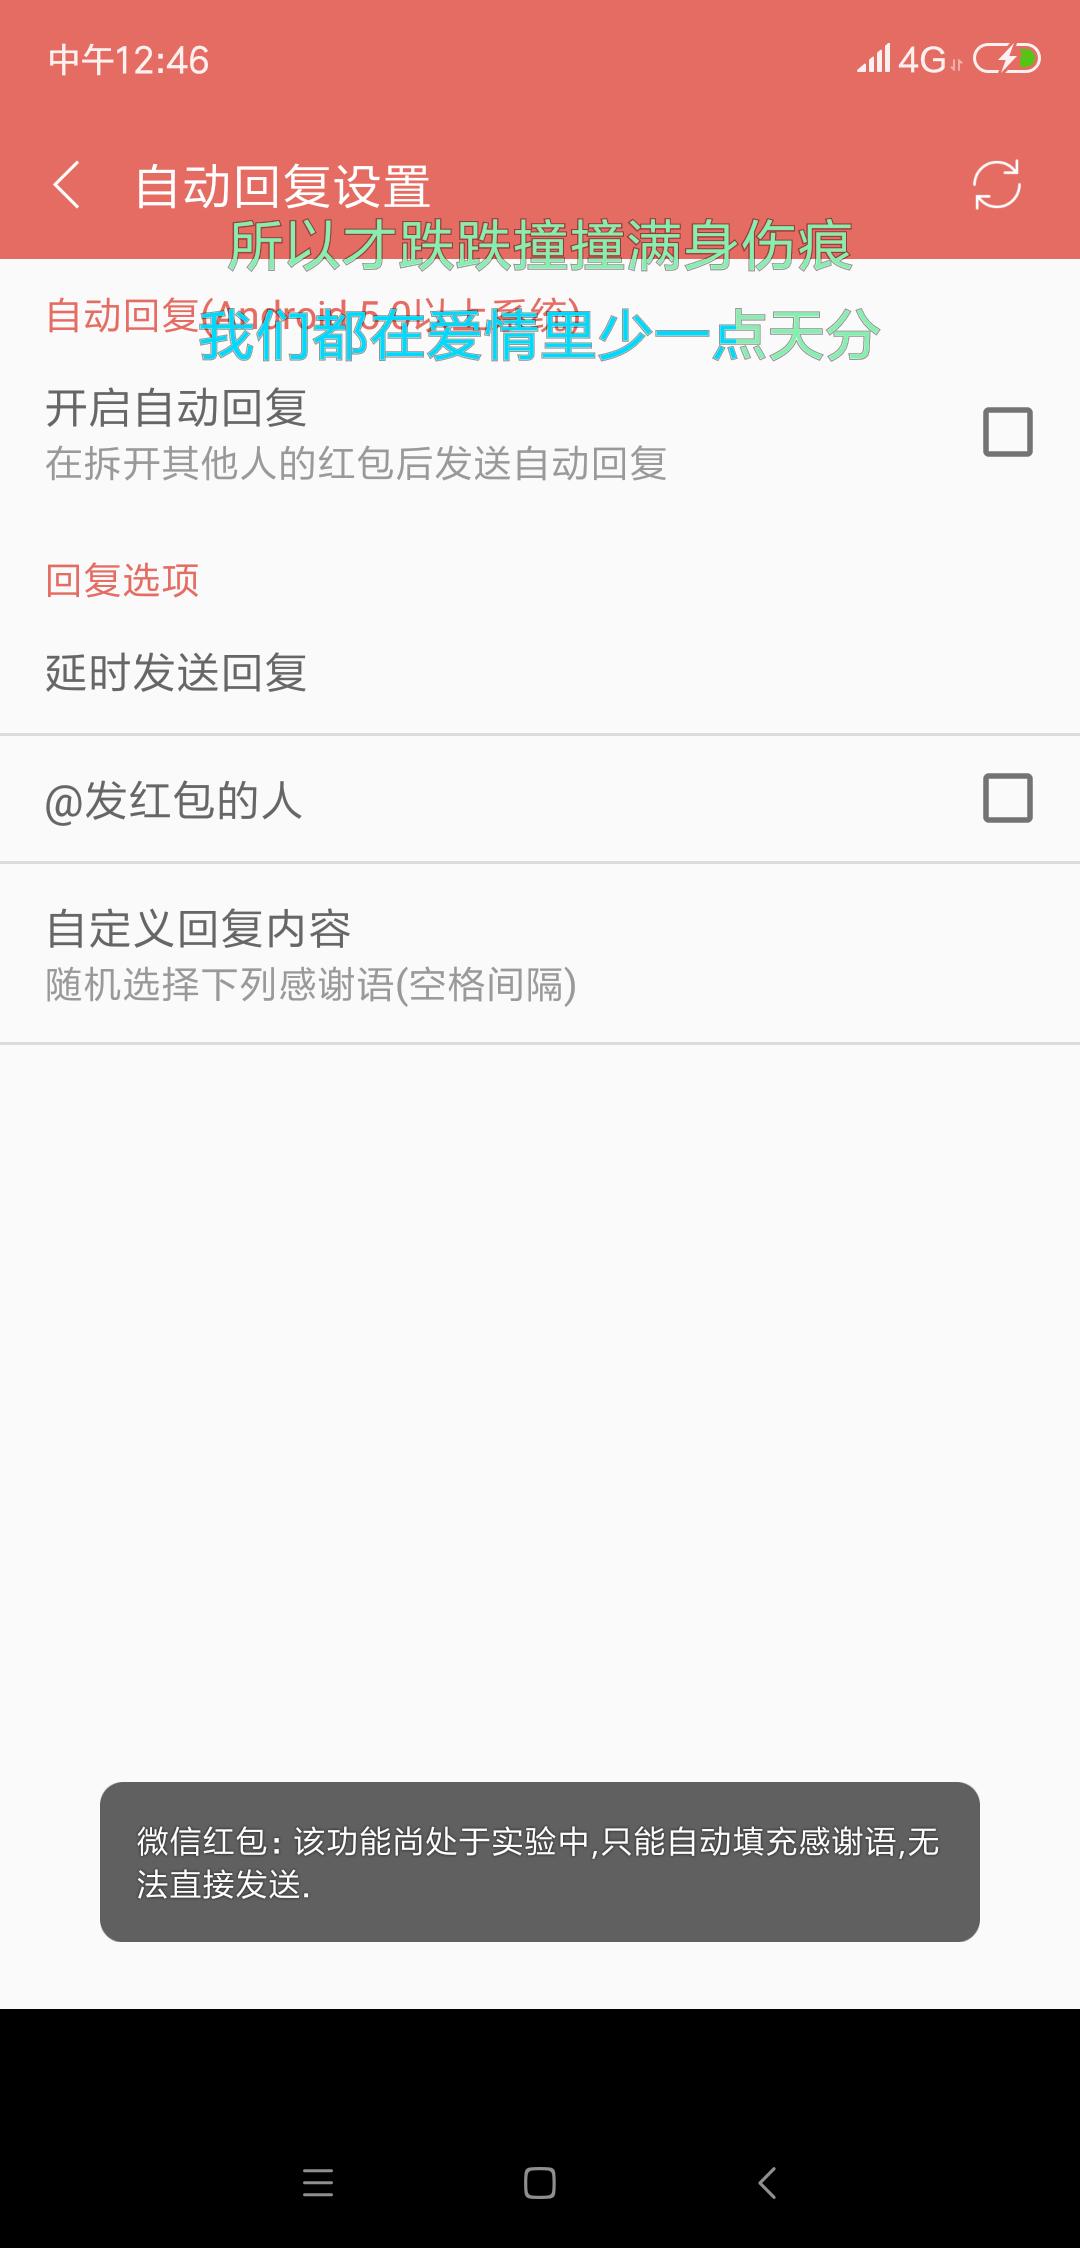 【分享】微信抢红包 多功能(全自动秒抢)-爱小助